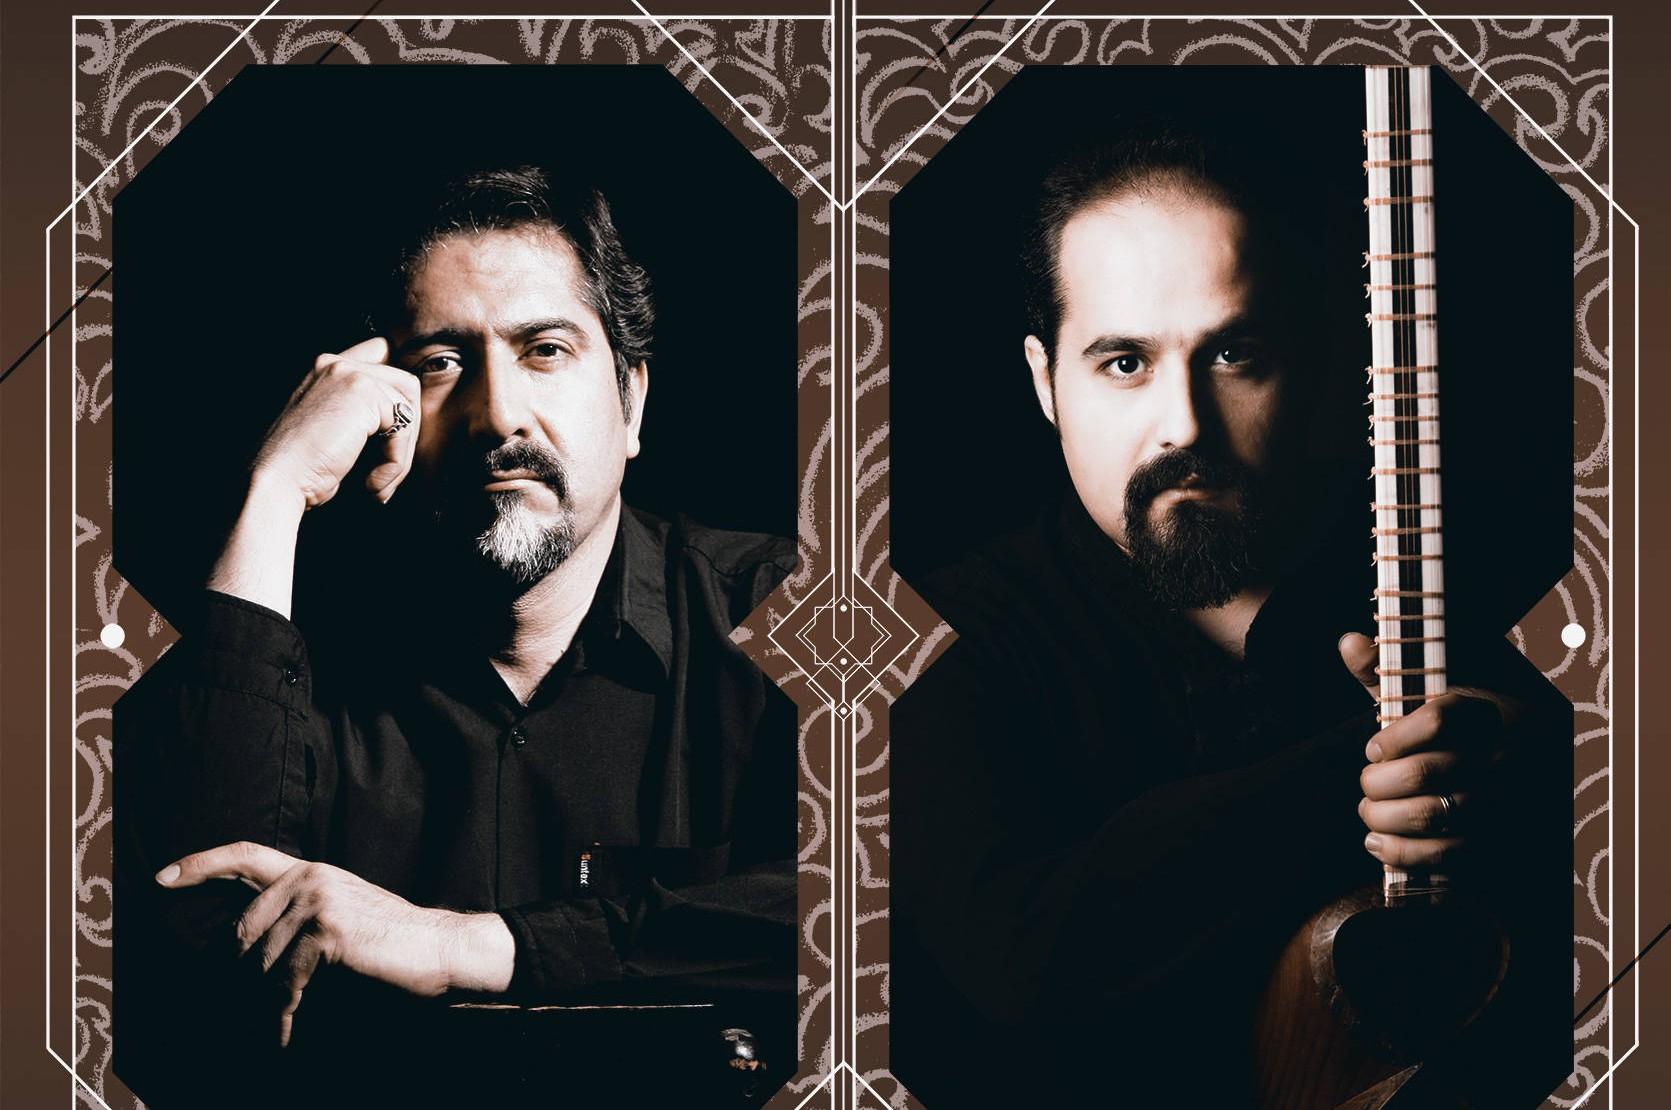 آلبوم «راه بی نهایت» به آهنگسازی «میدیا فرج نژاد» و صدای «حسام الدین سراج» باز نشر شد